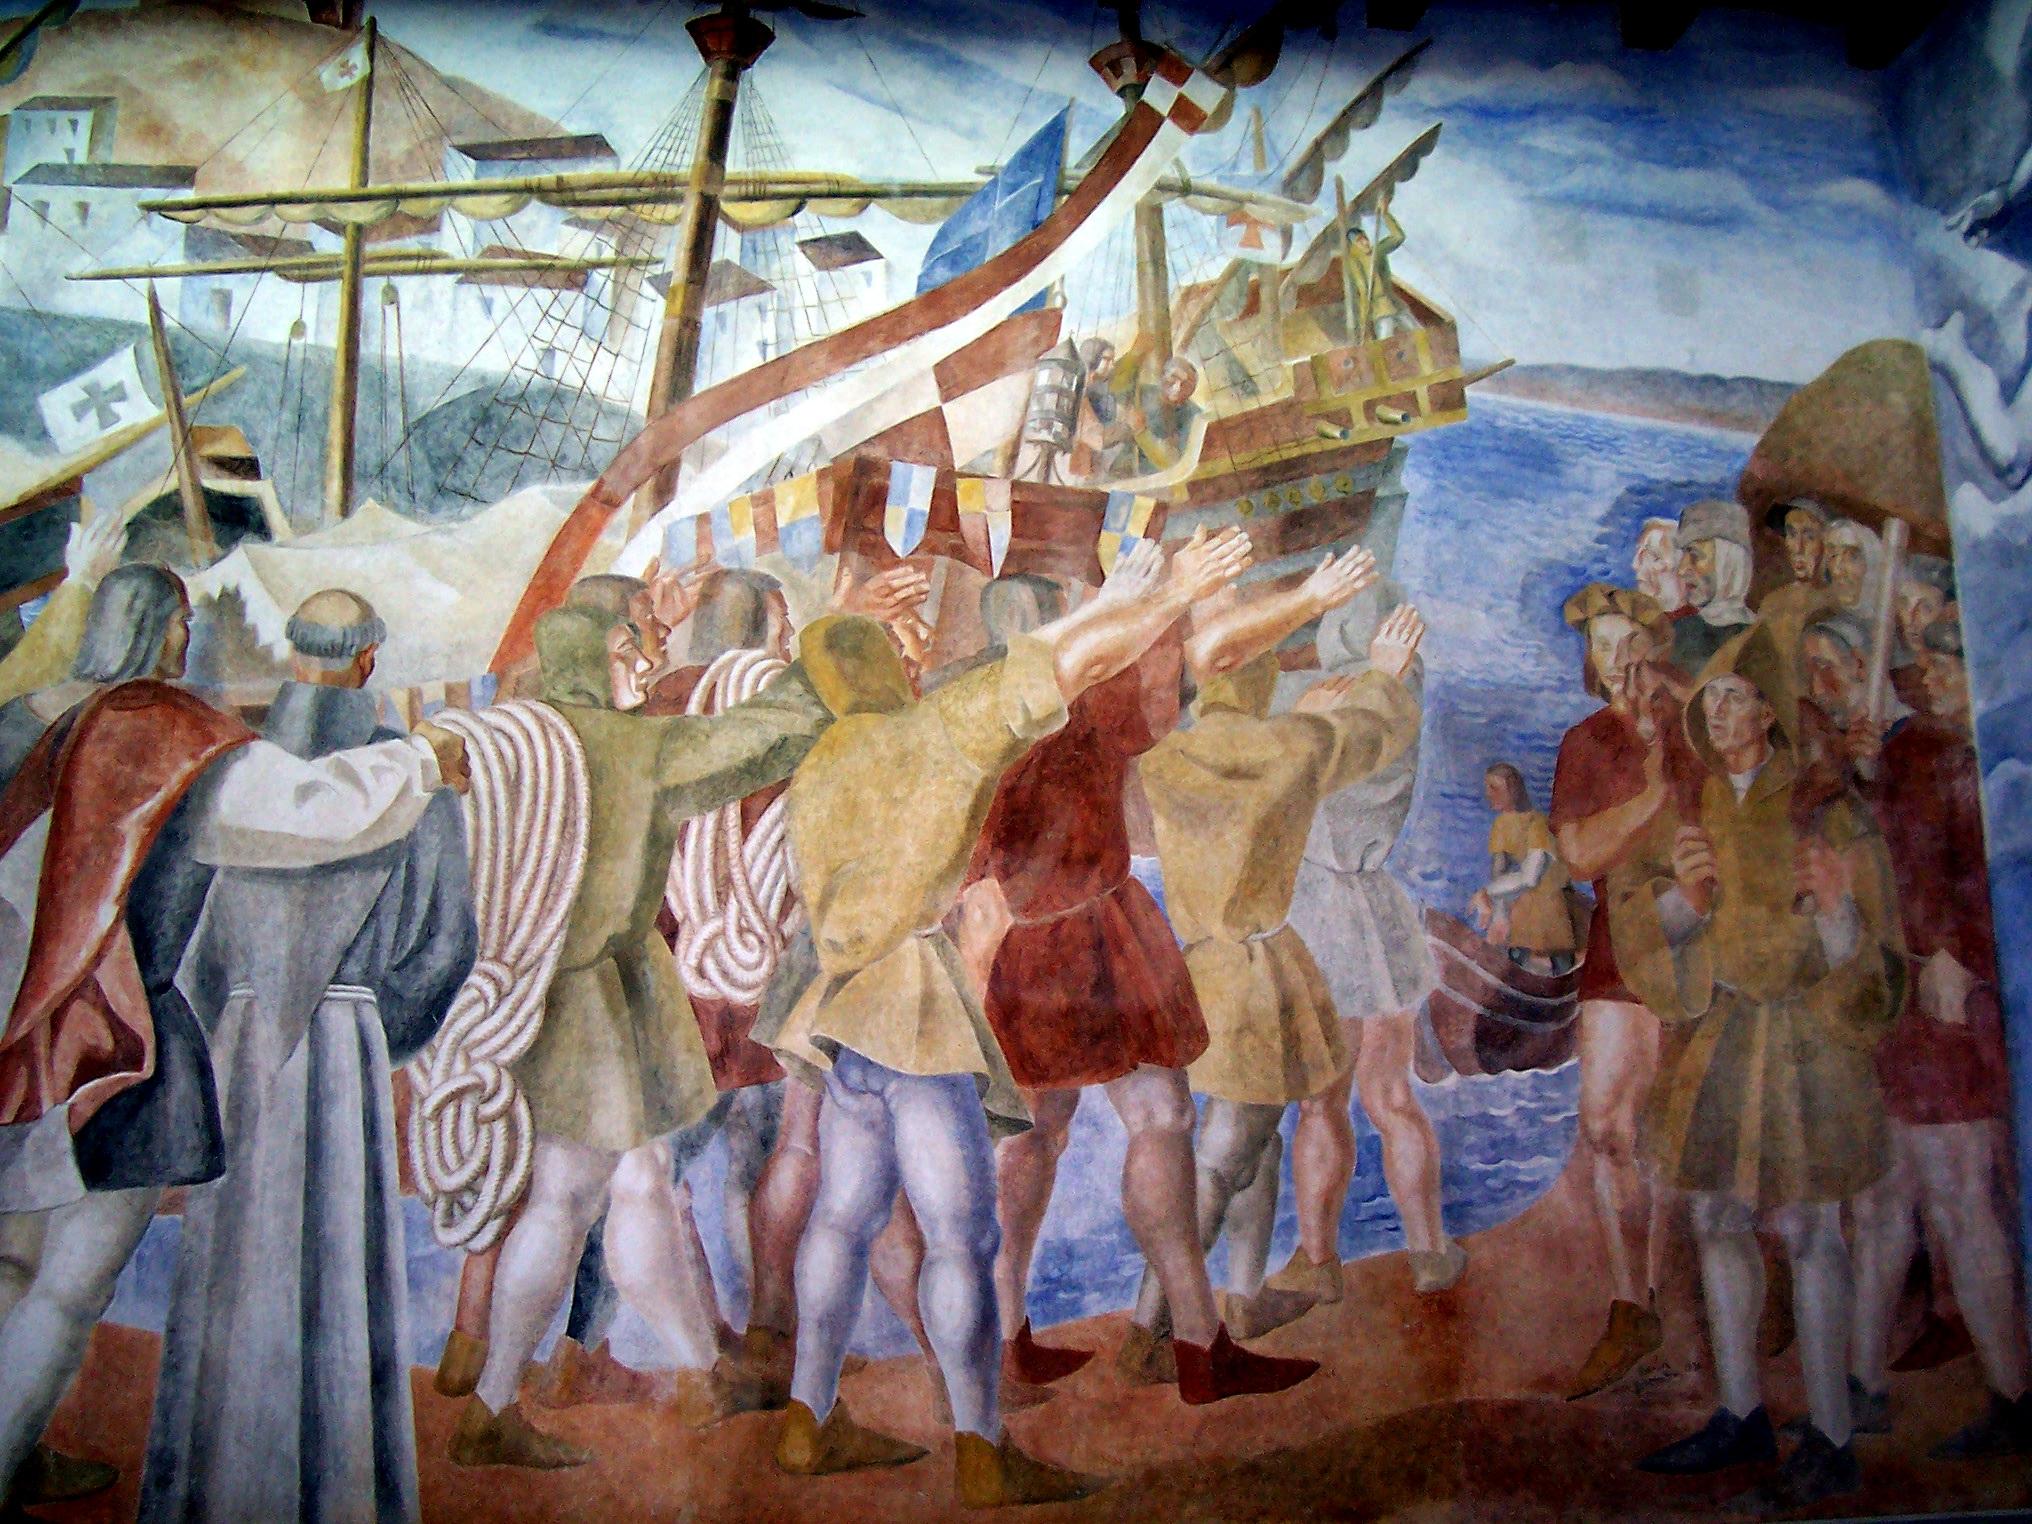 Frescos by Daniel Vázquez Diaz at La Rábida. Photo taken on August 4, 2006.